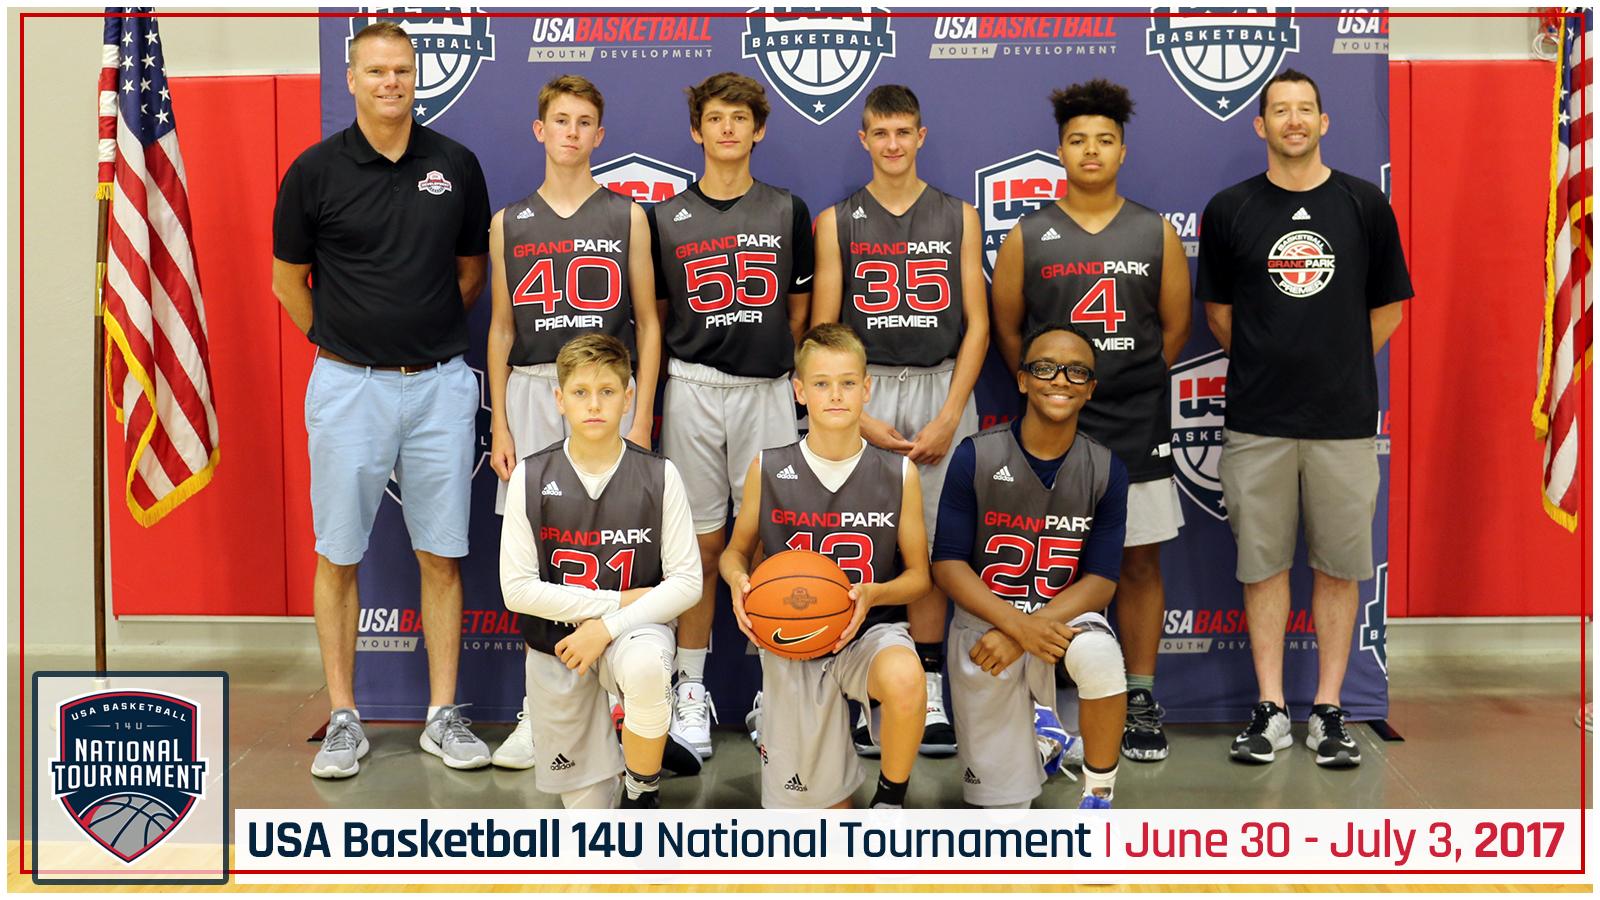 USA Basketball 14U National Tournament